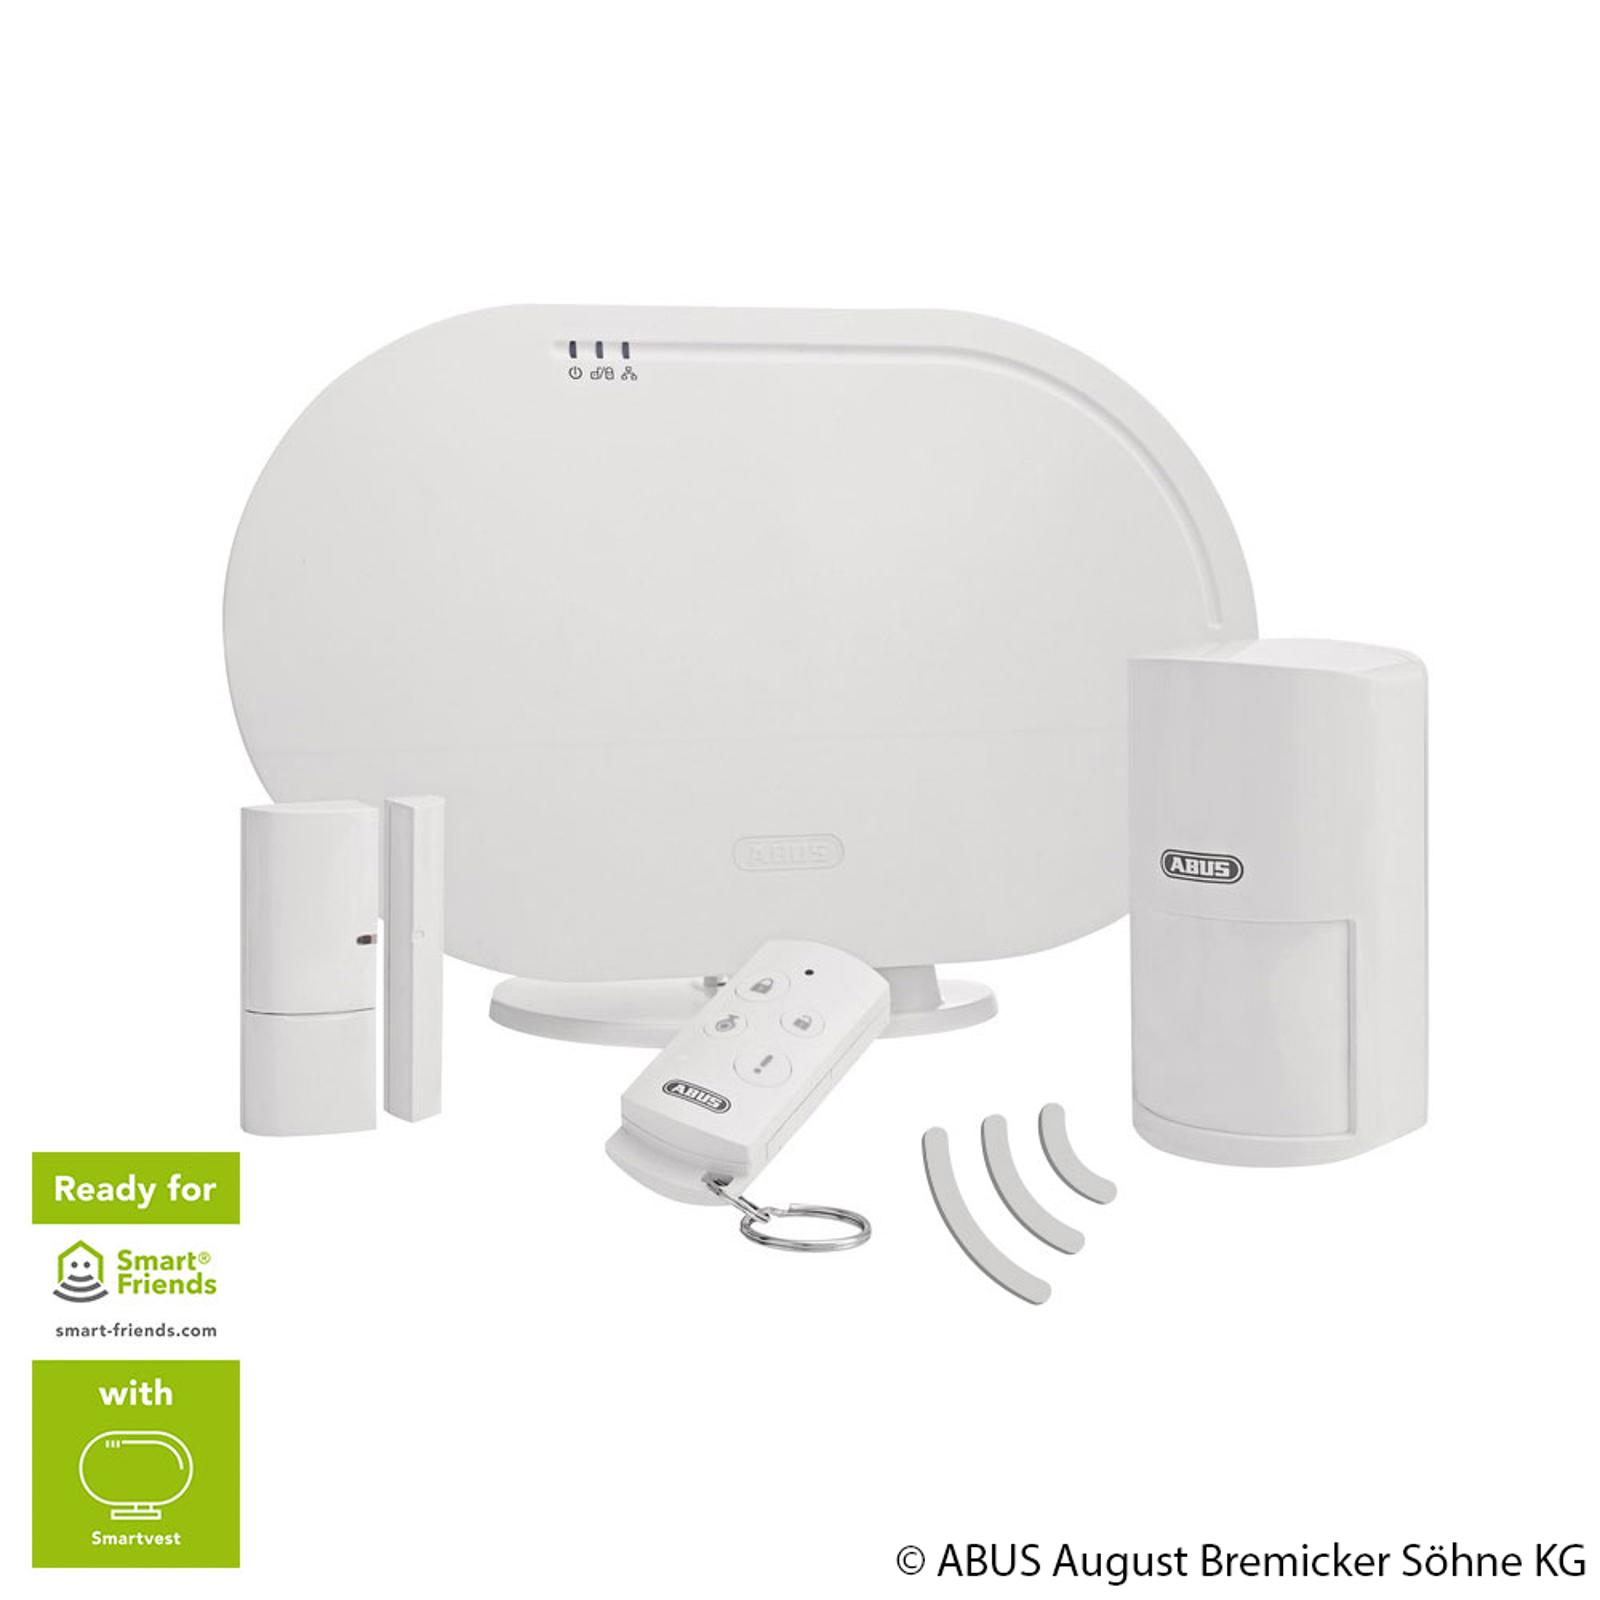 ABUS Smartvest système d'alarme radio set de base